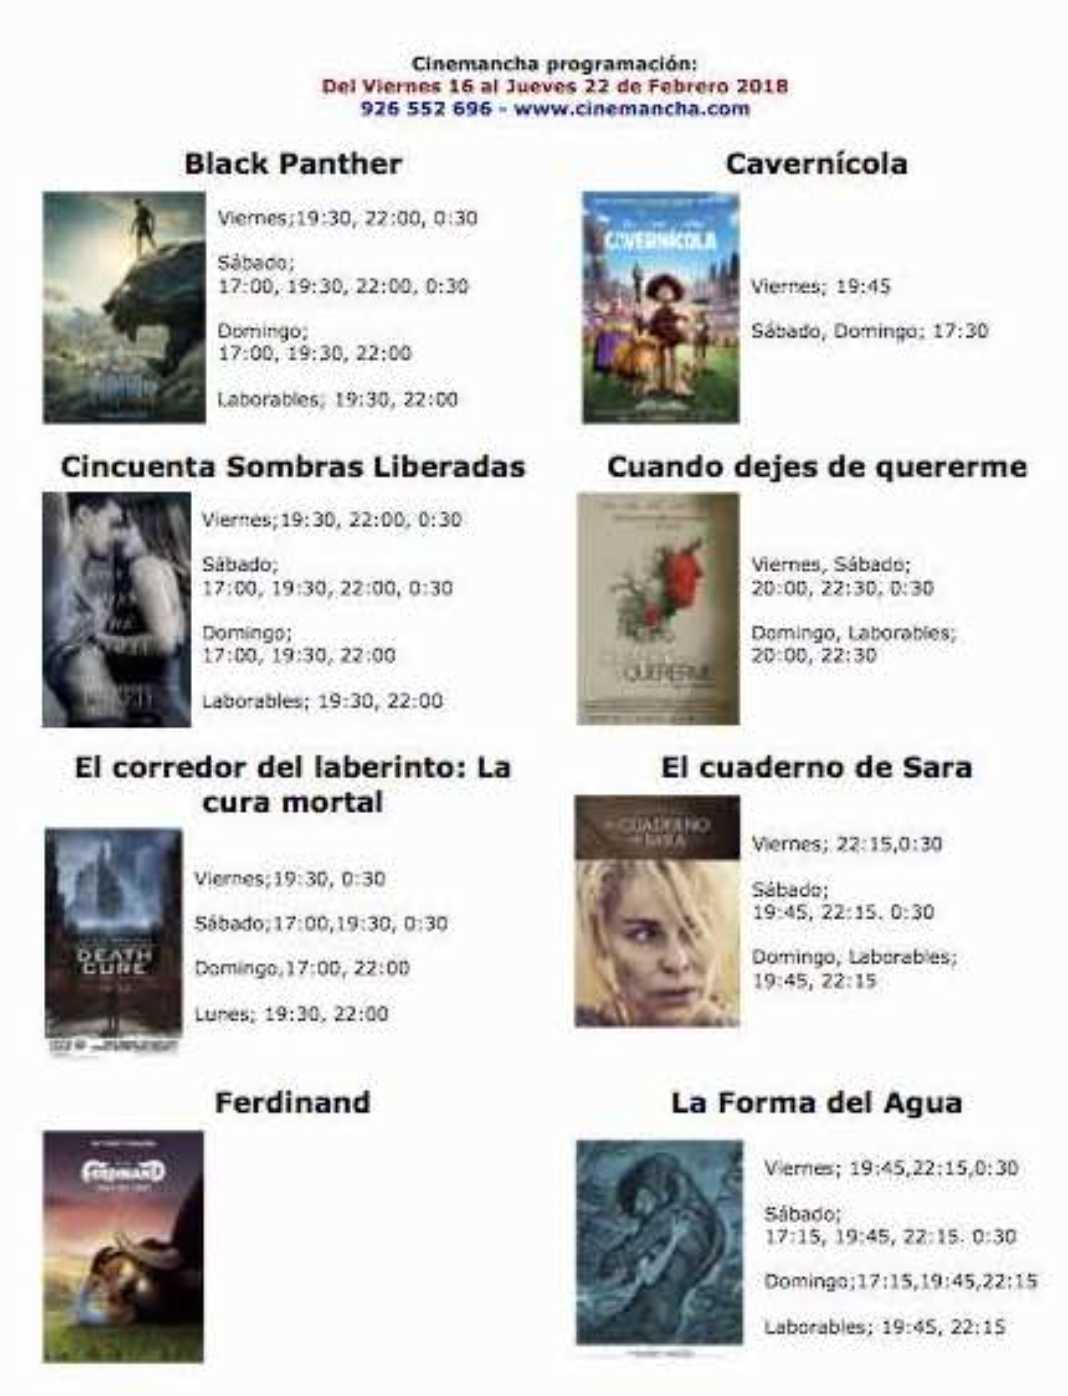 Programación Cinemancha del viernes 16 al jueves 22 de febrero 2